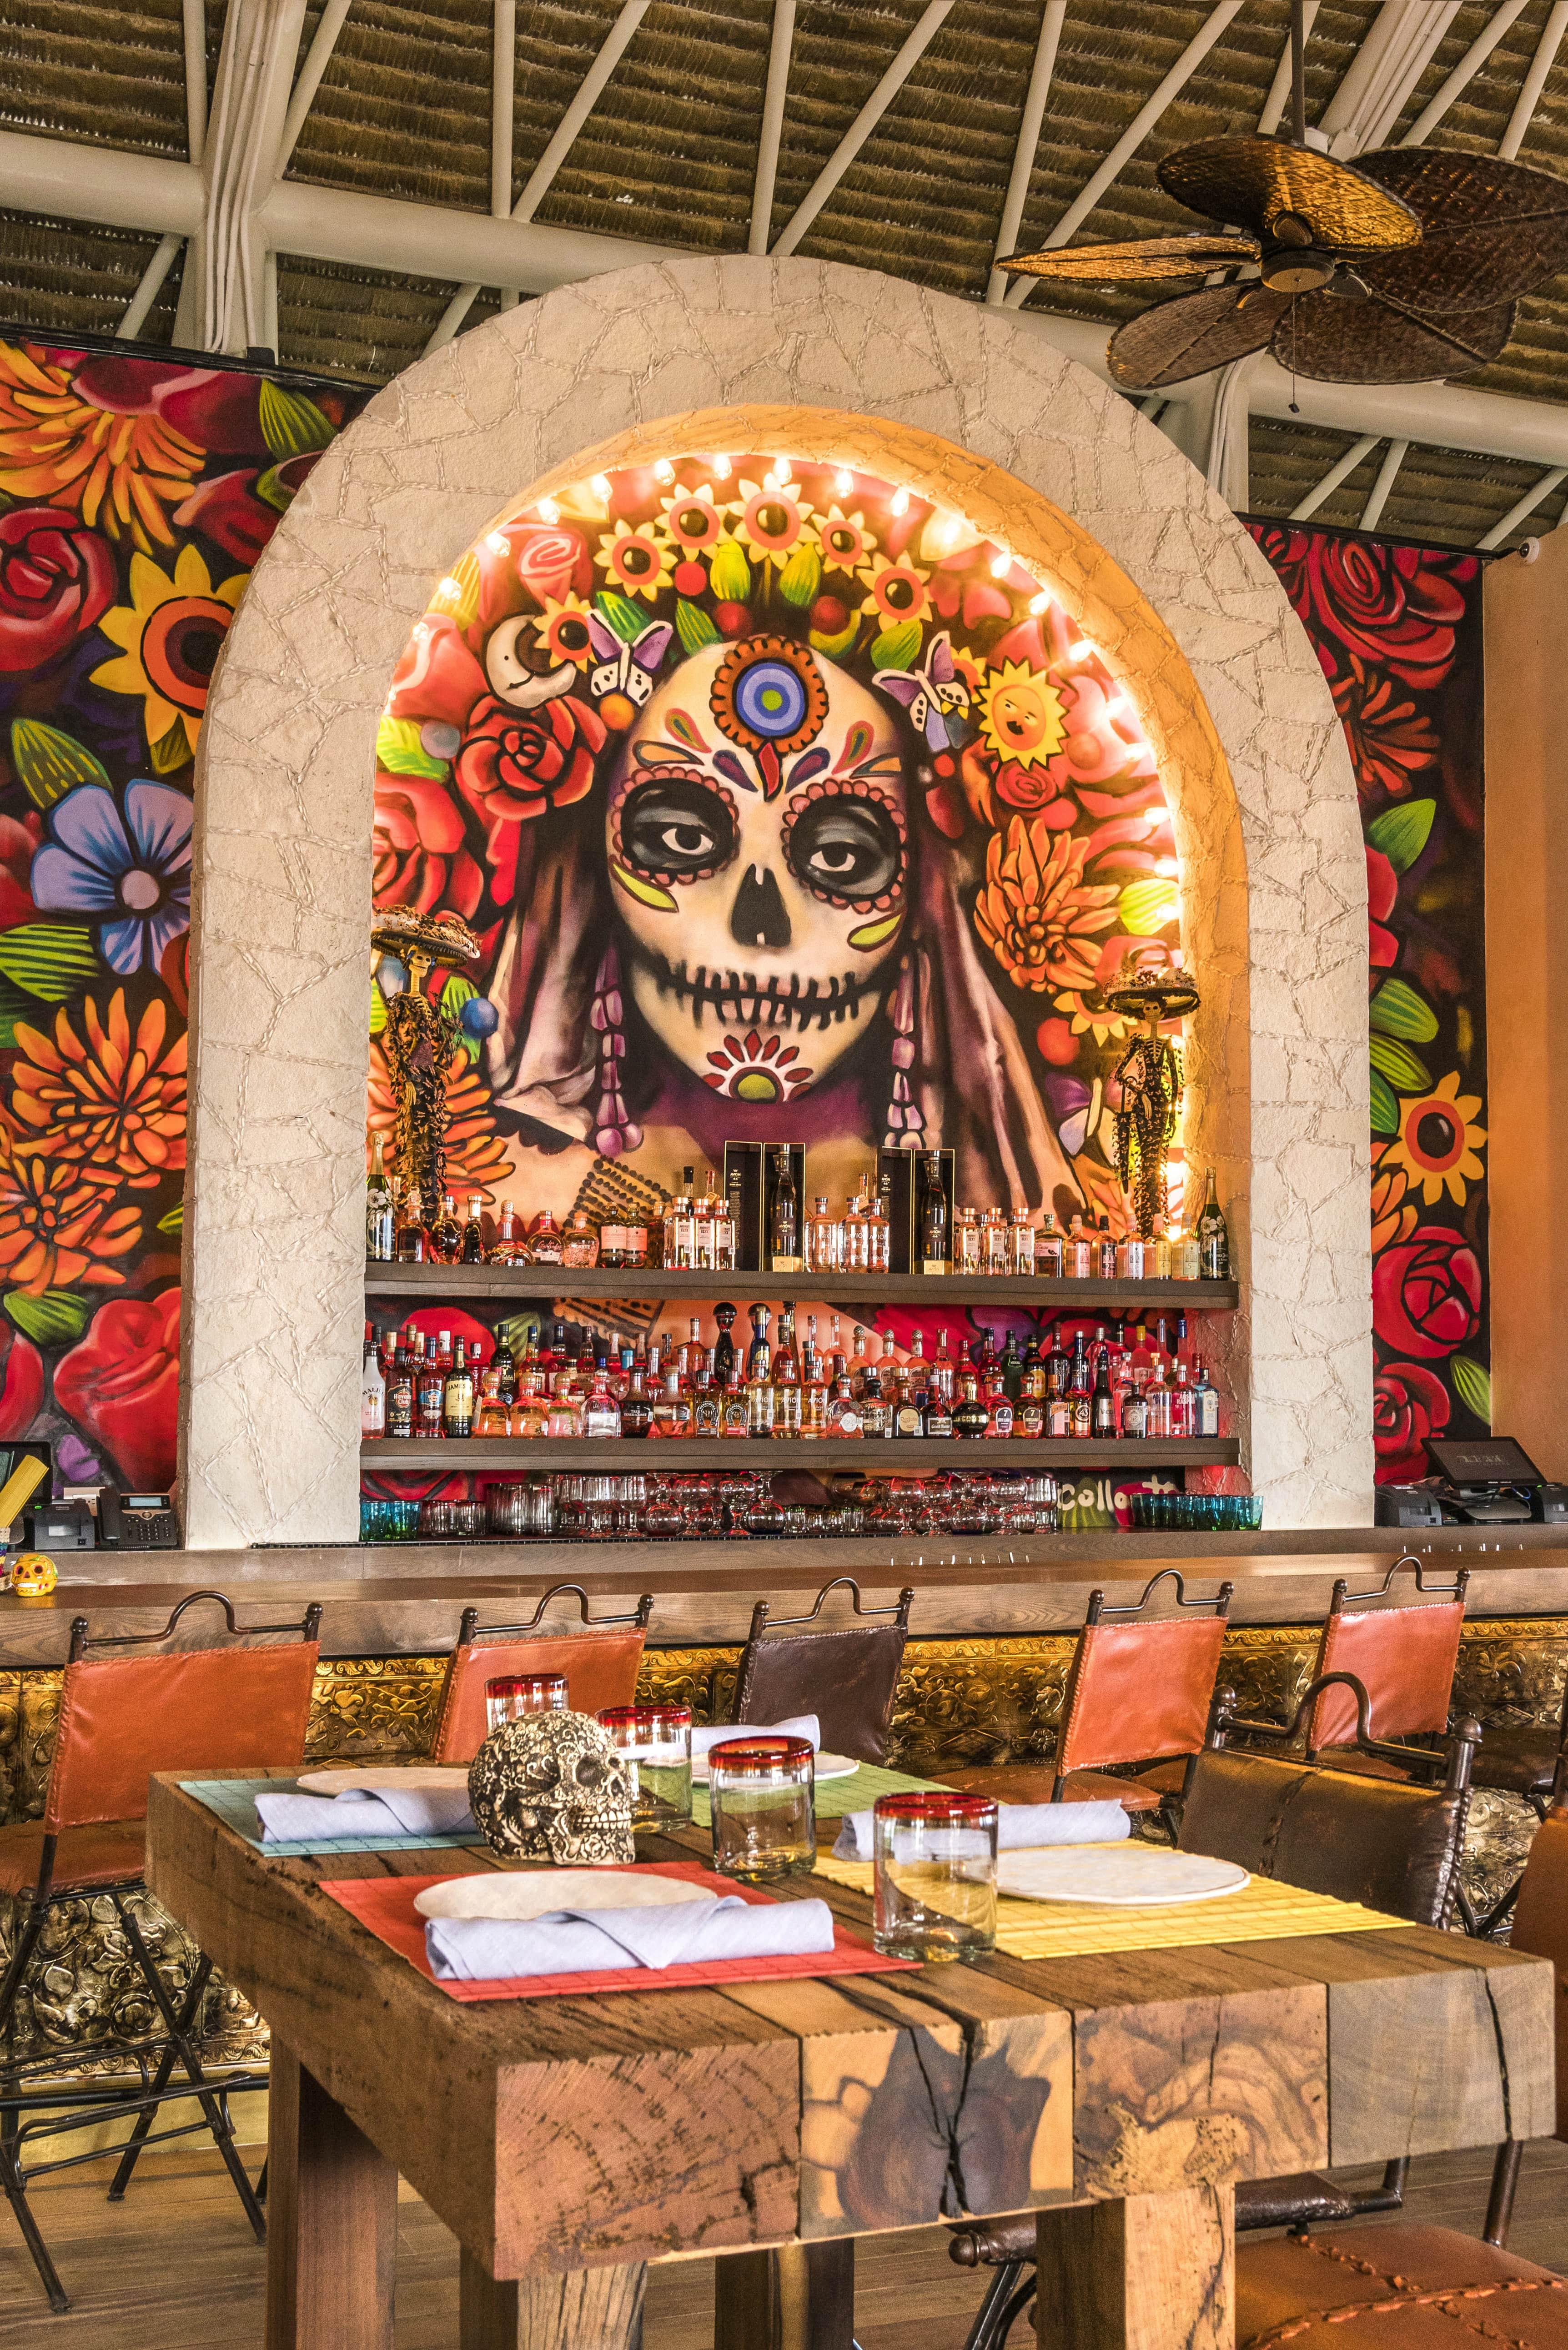 Casa Calavera lounge, Dia de los Muertos art